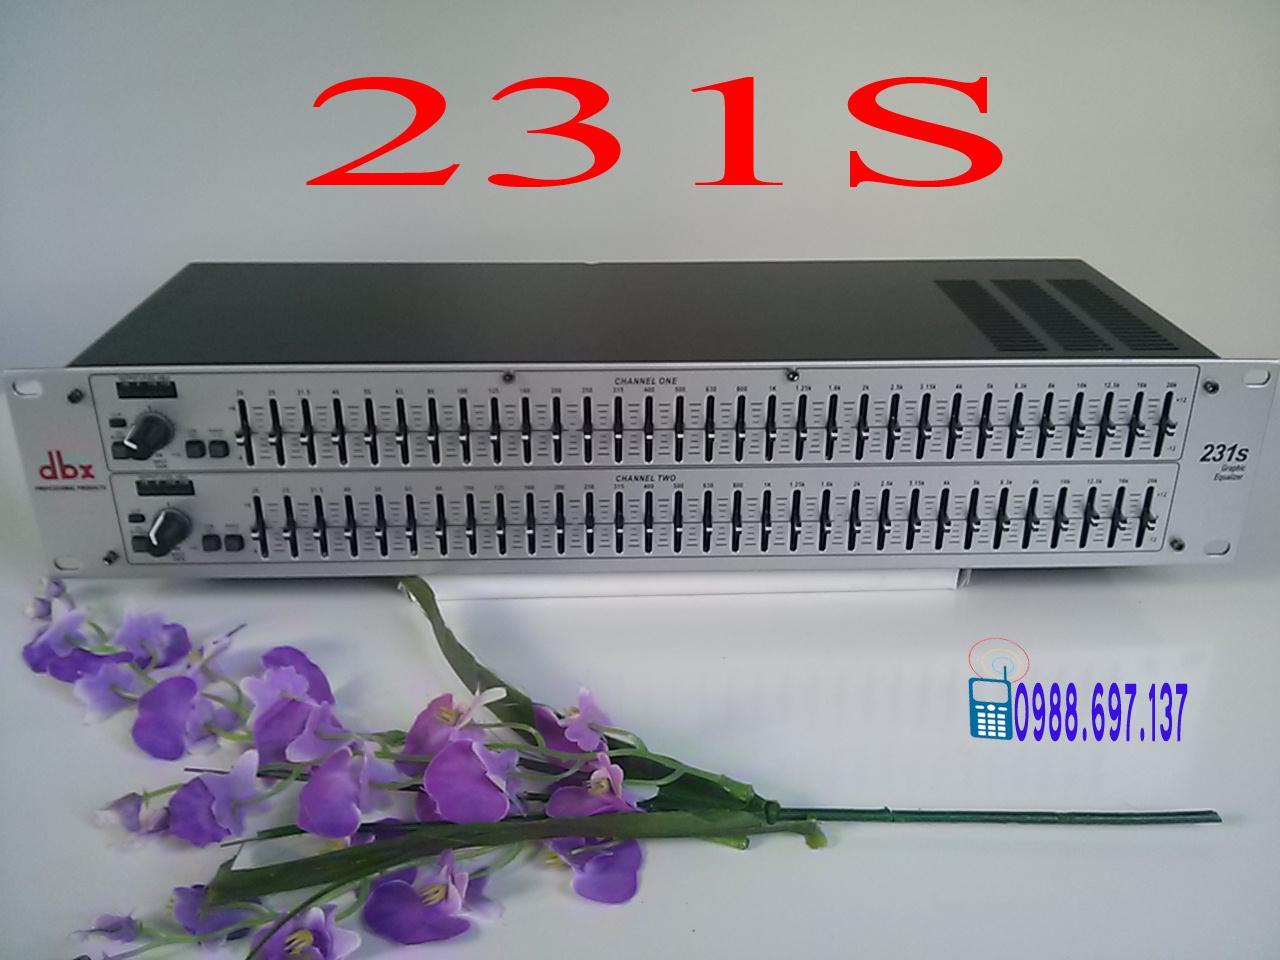 đầu lọc xì equalizer dbx 231s